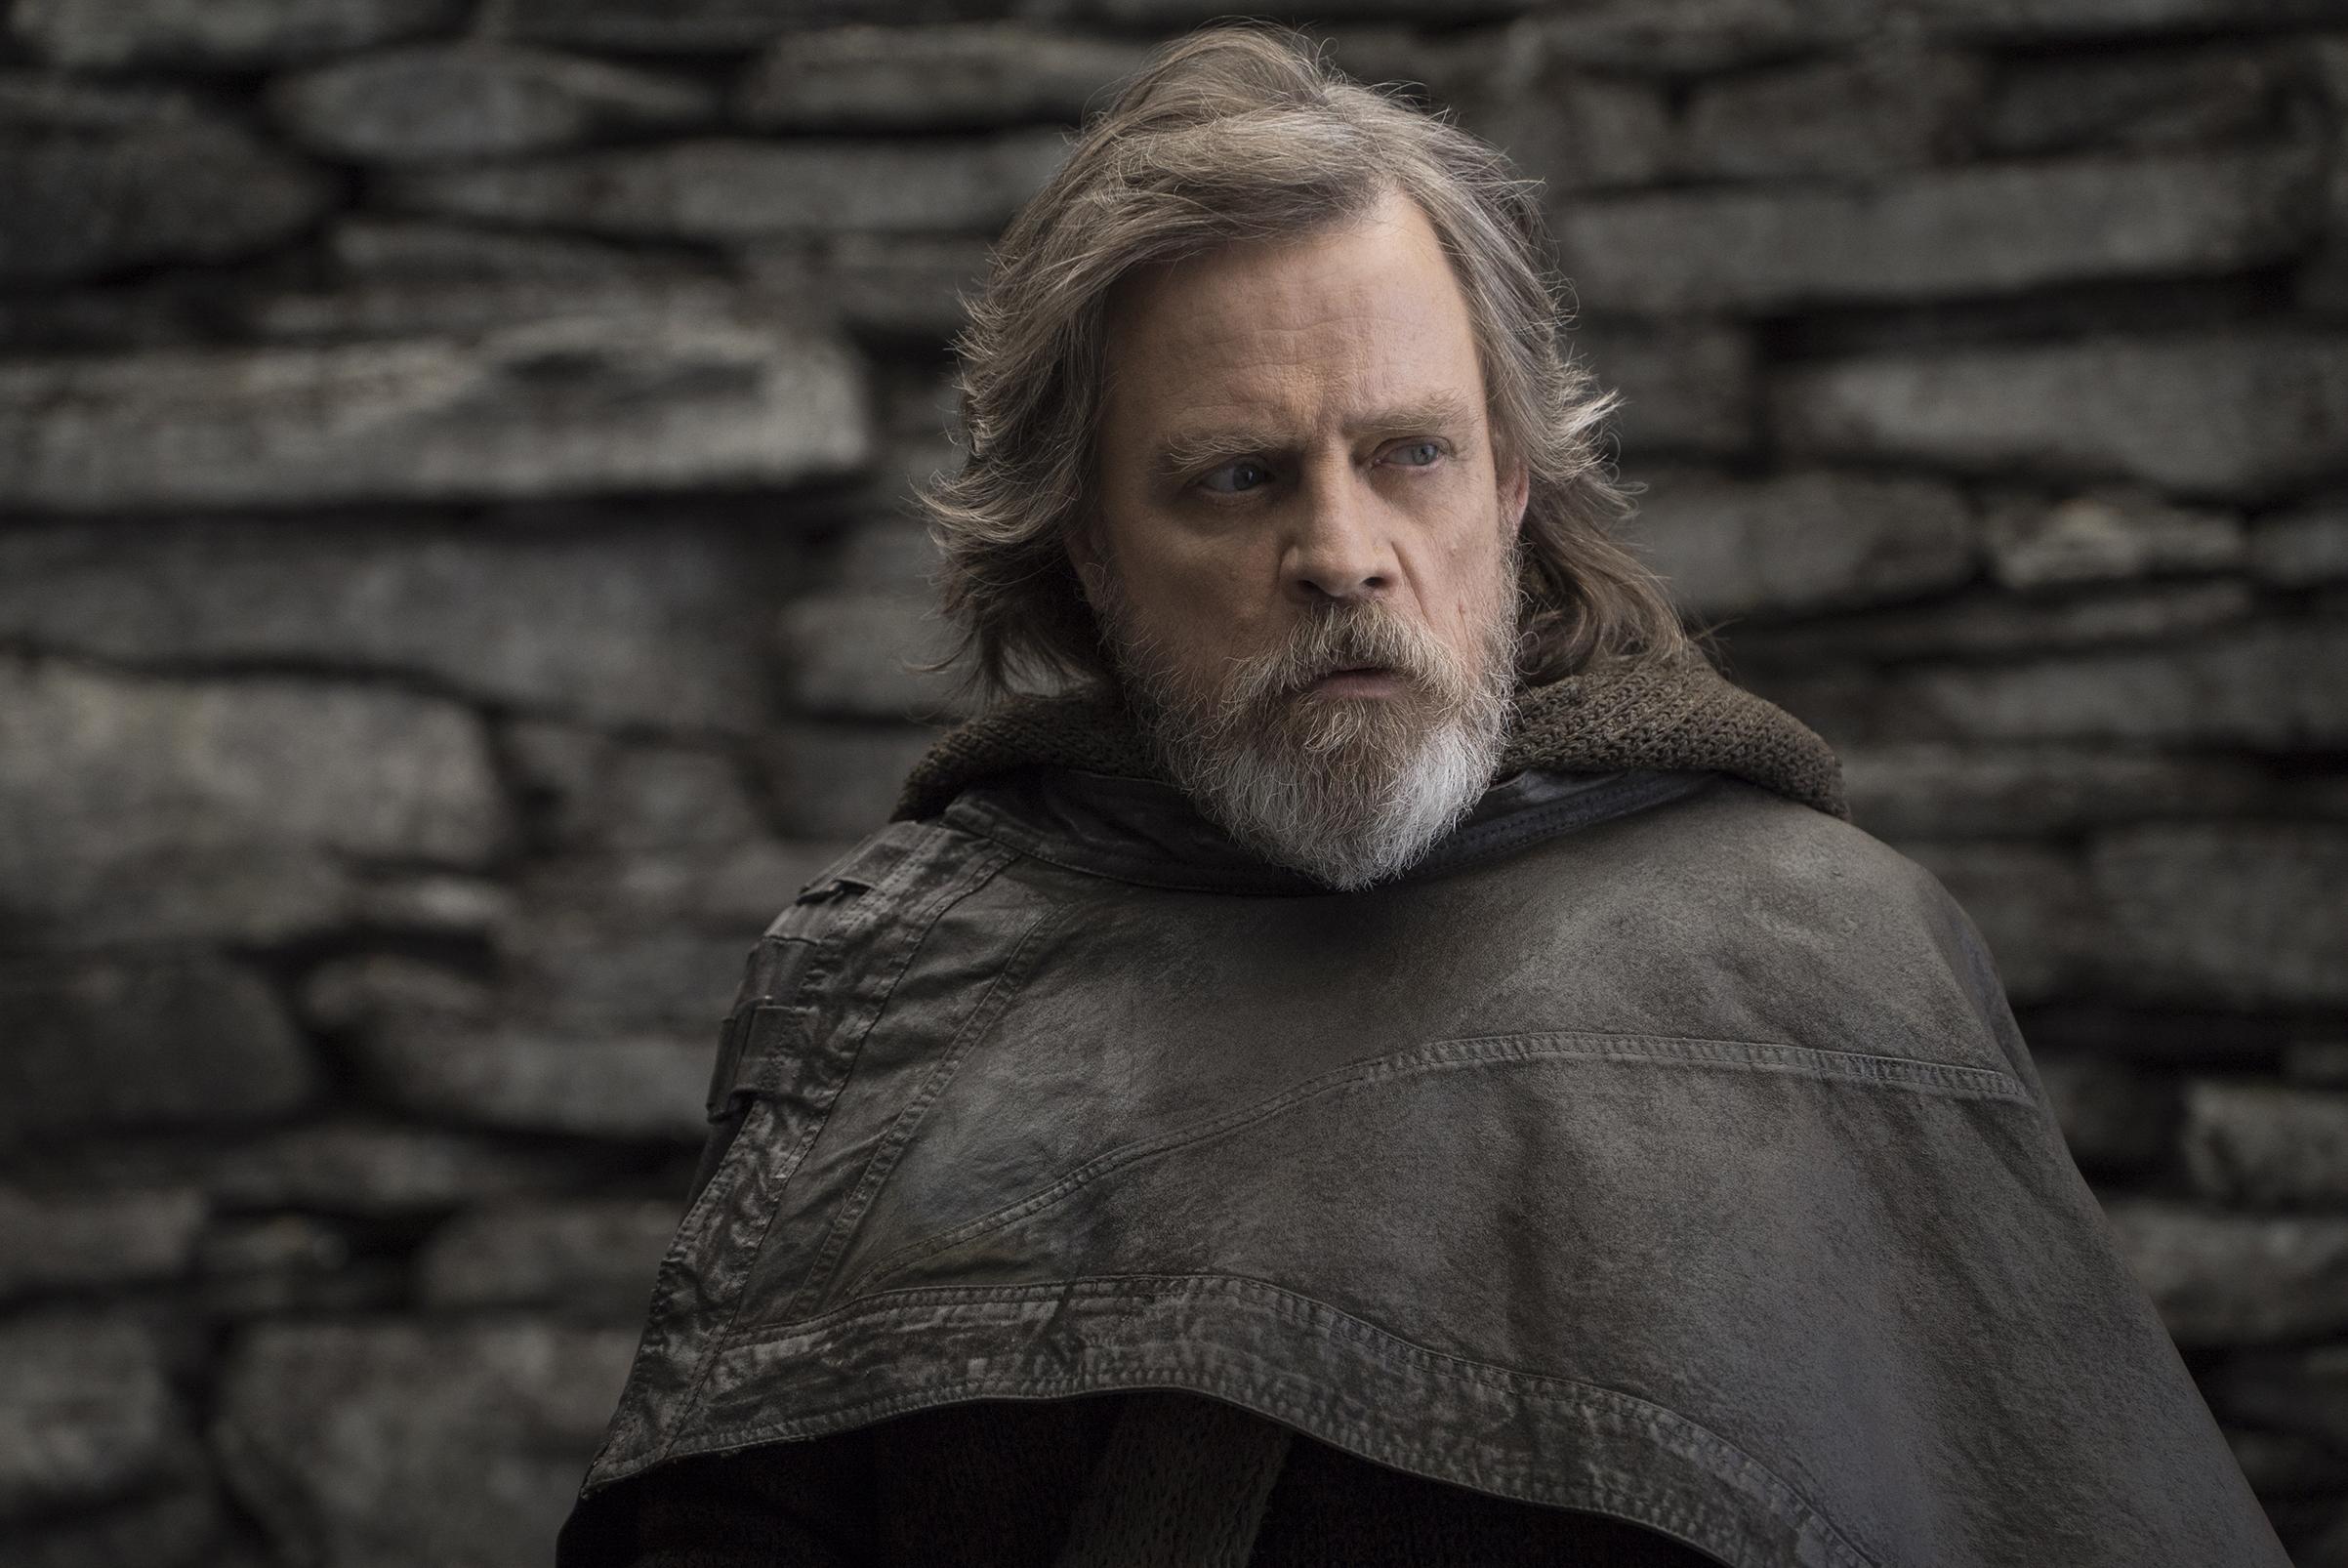 Luke Skywalker, The Last Jedi, Star Wars, Lucas Film